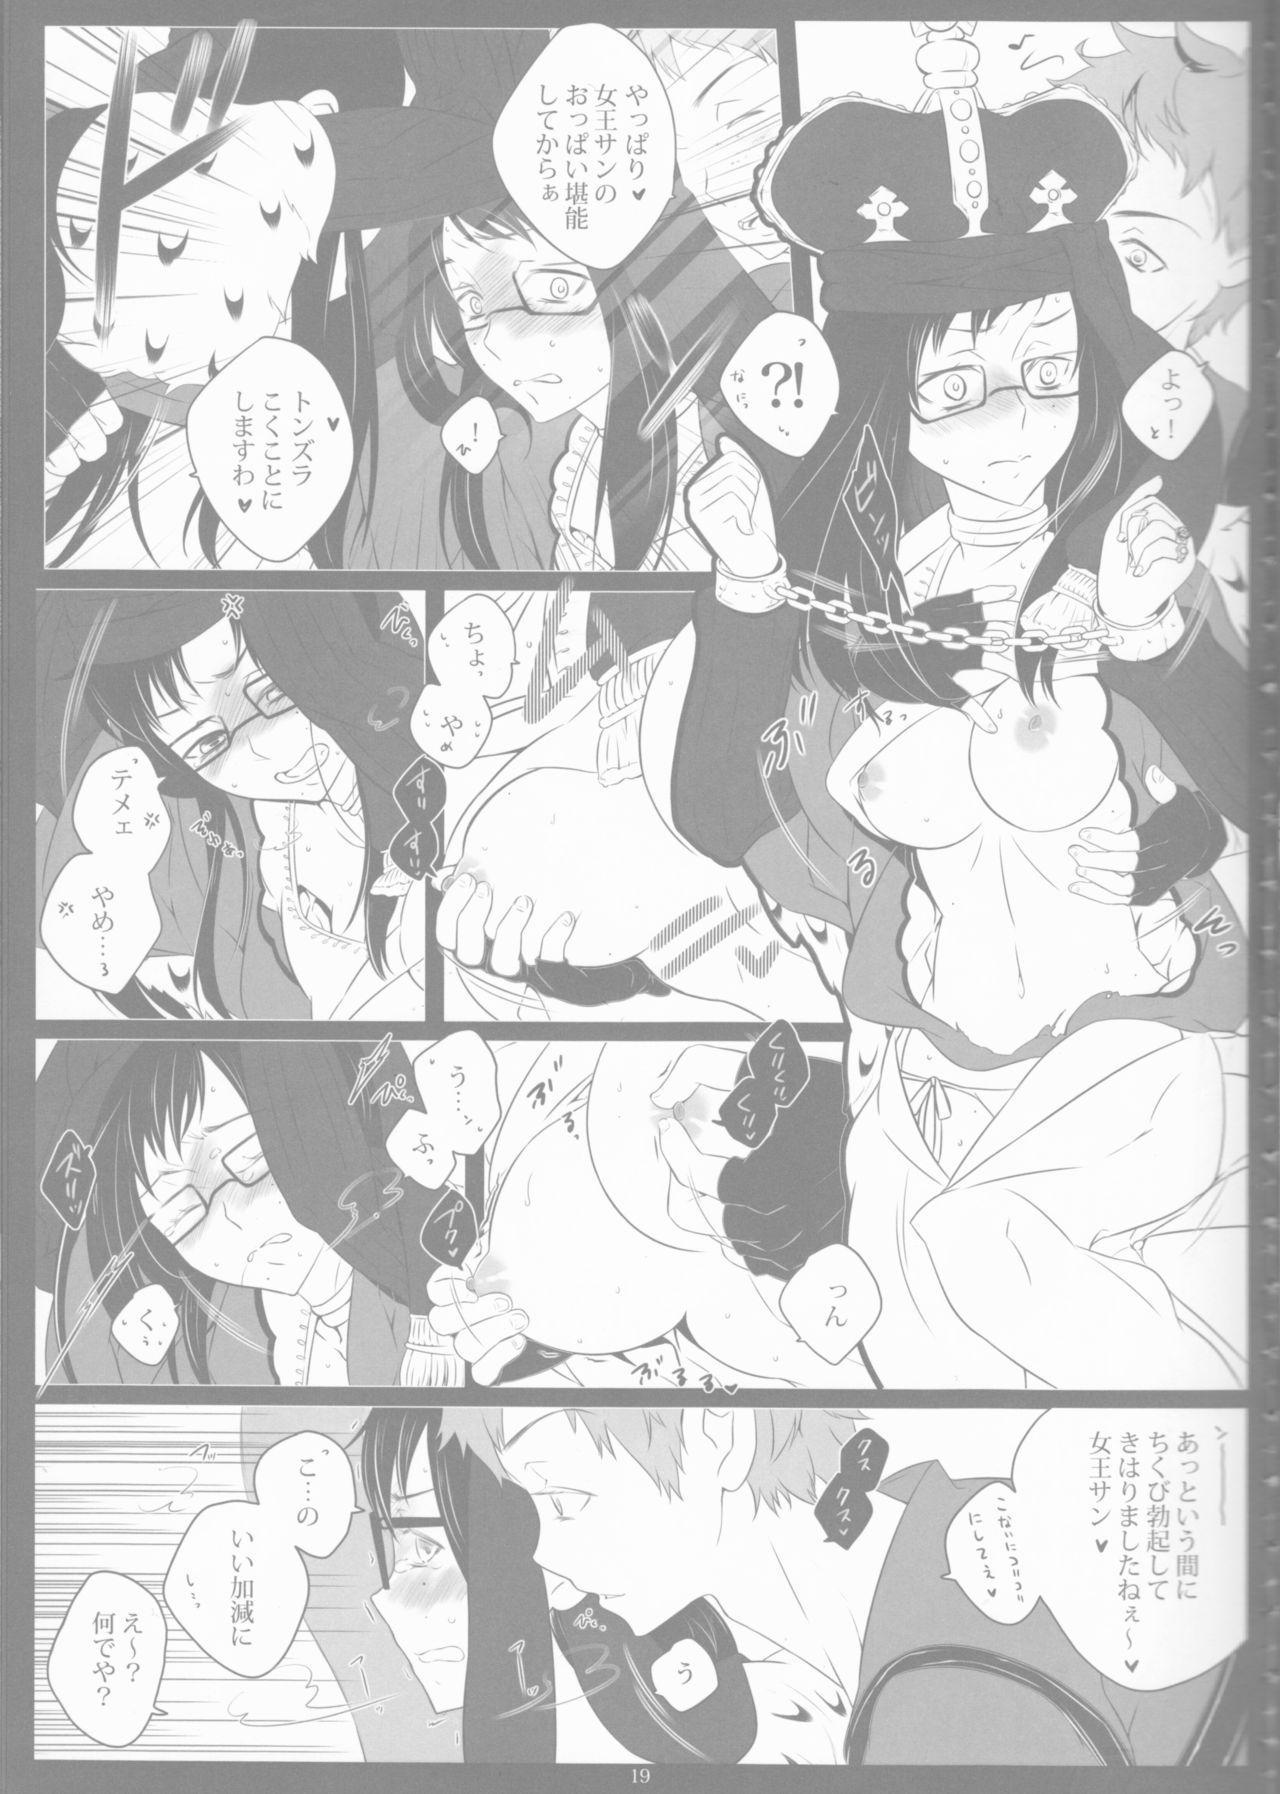 Toge hikari no navu~igātoria book 2(blue exorcist] 16